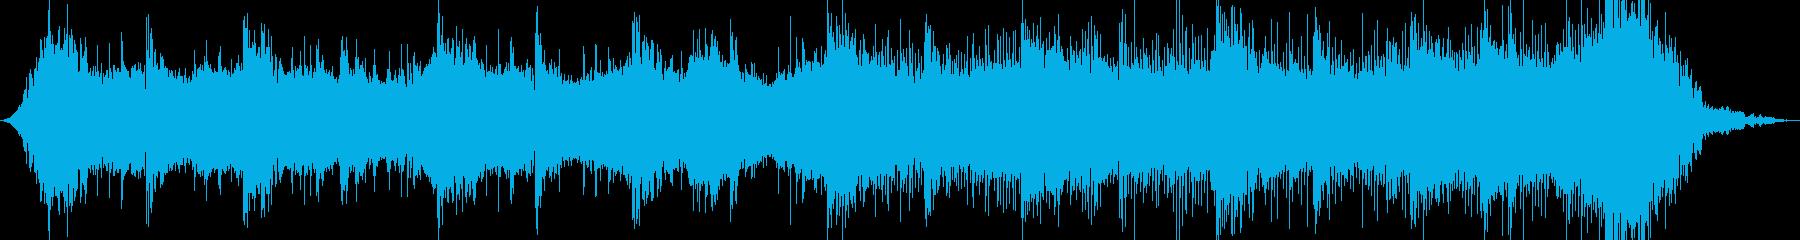 エレクトロ 交響曲 実験的な ドラ...の再生済みの波形